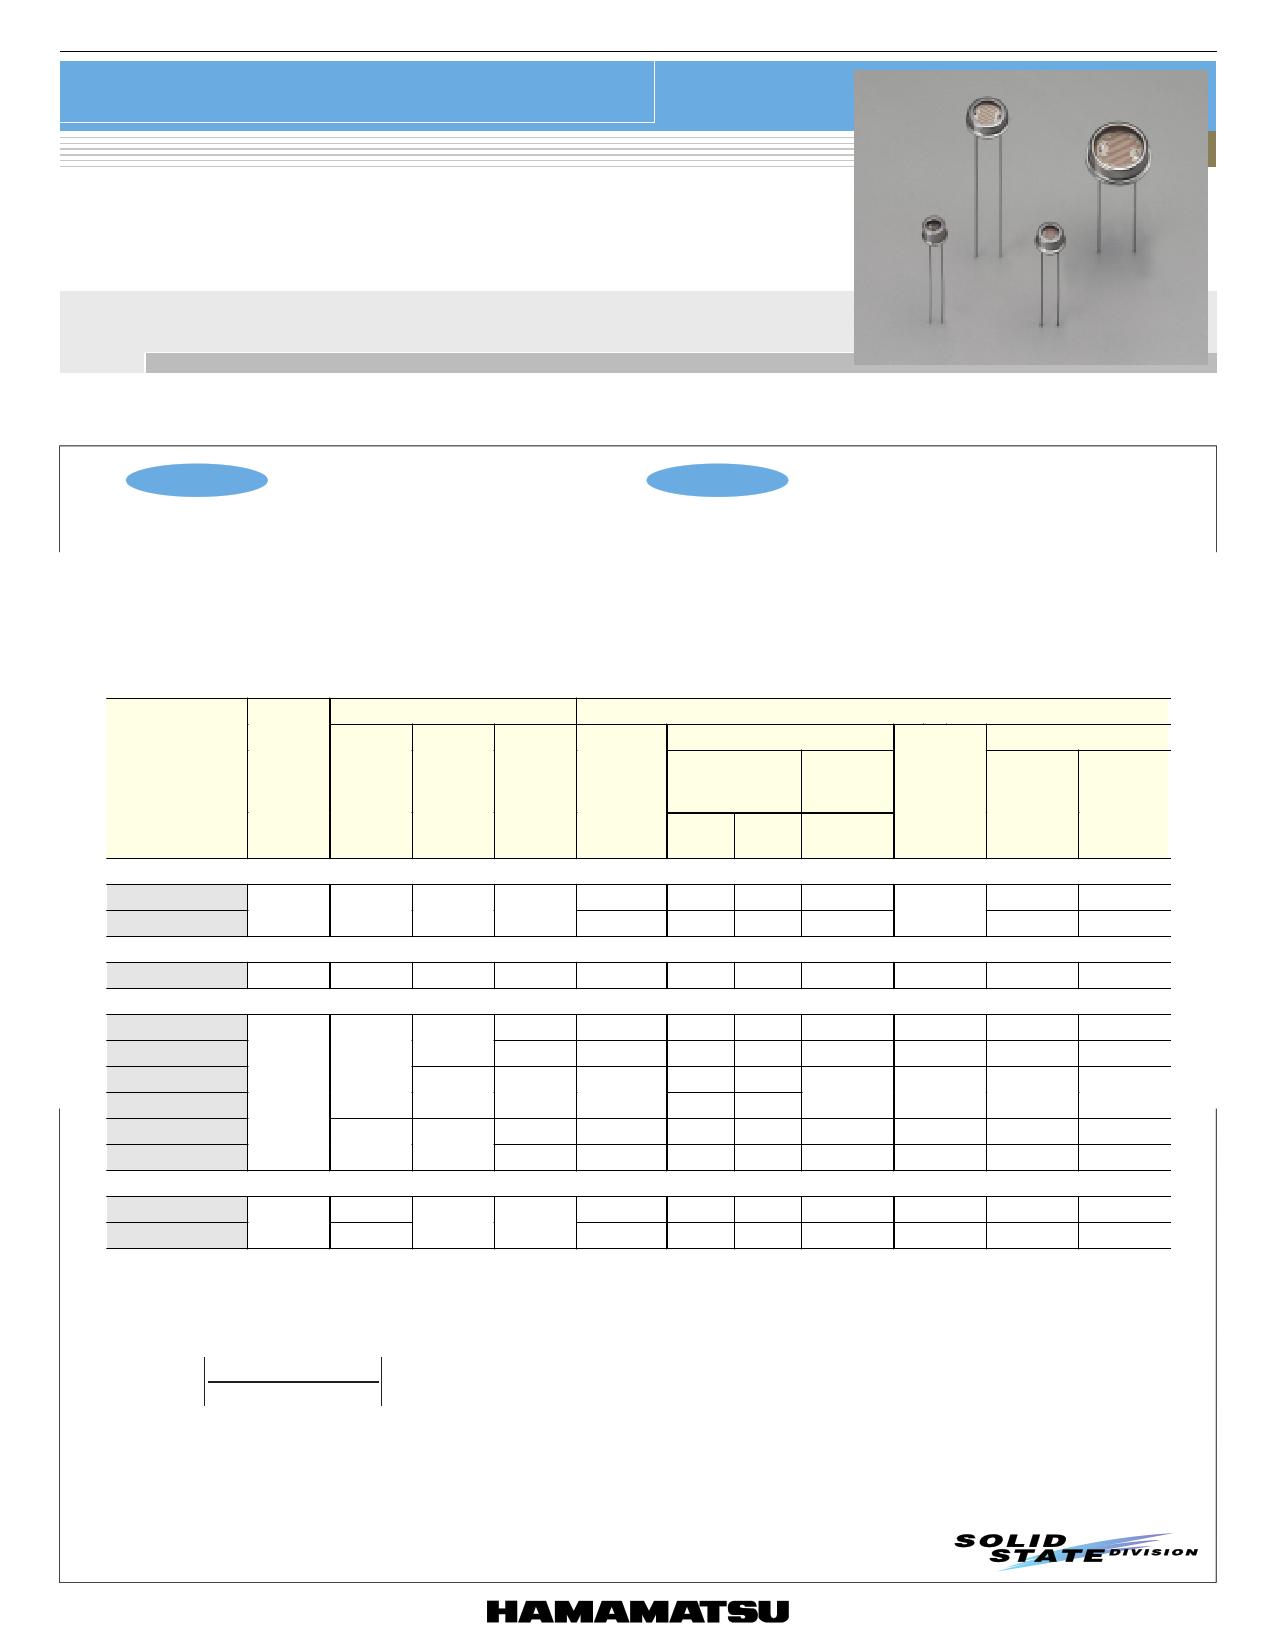 P3872 datasheet